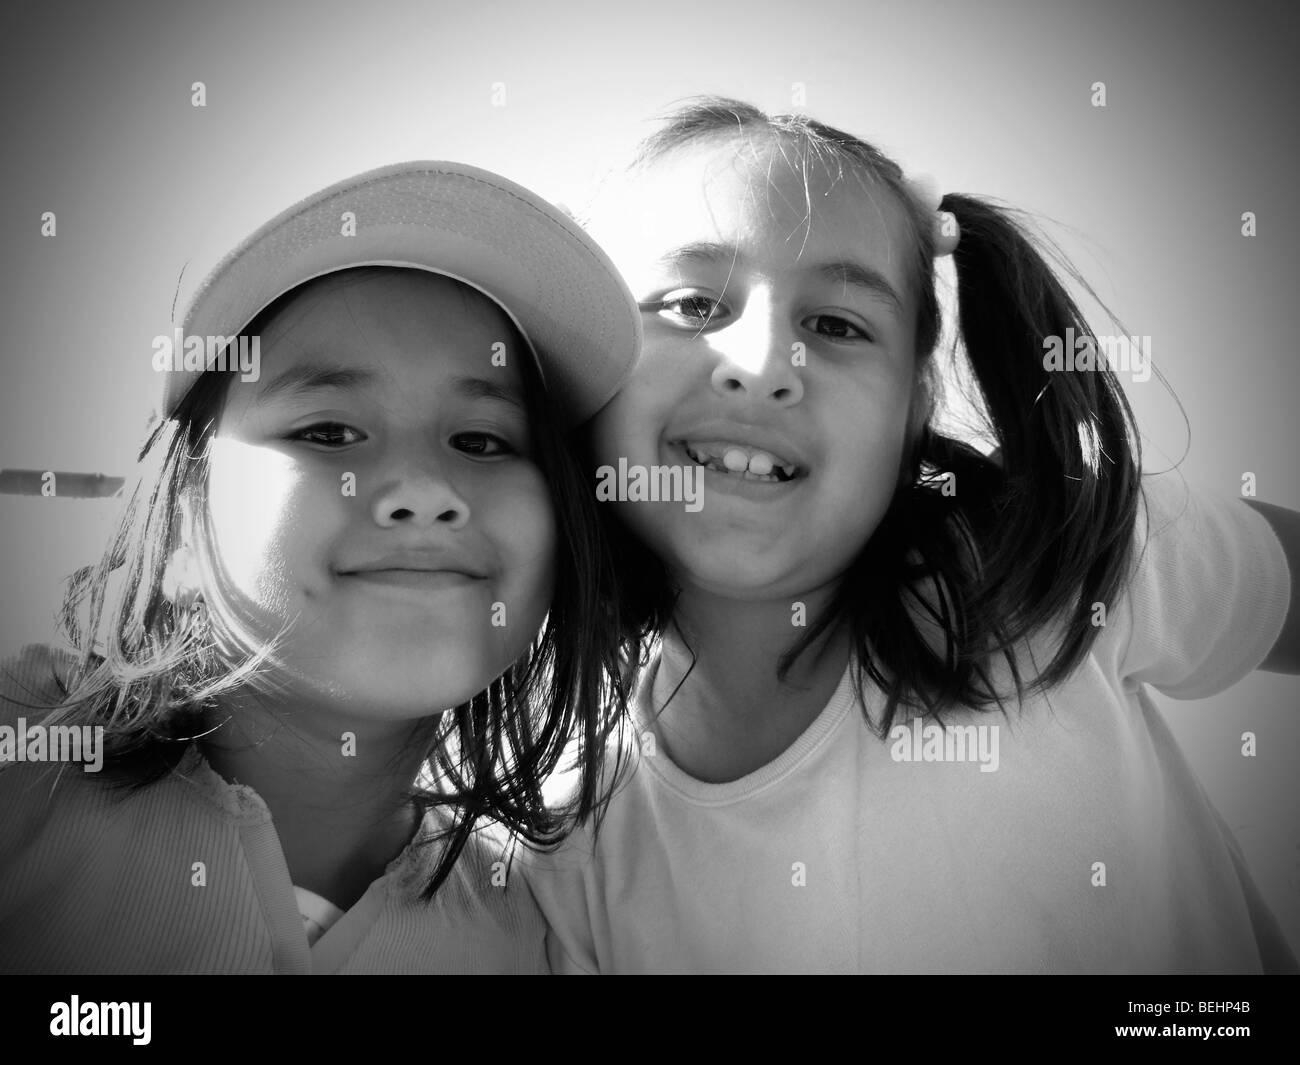 Mädchen sitzen auf Baseball steht, schwarz / weiß Stockbild